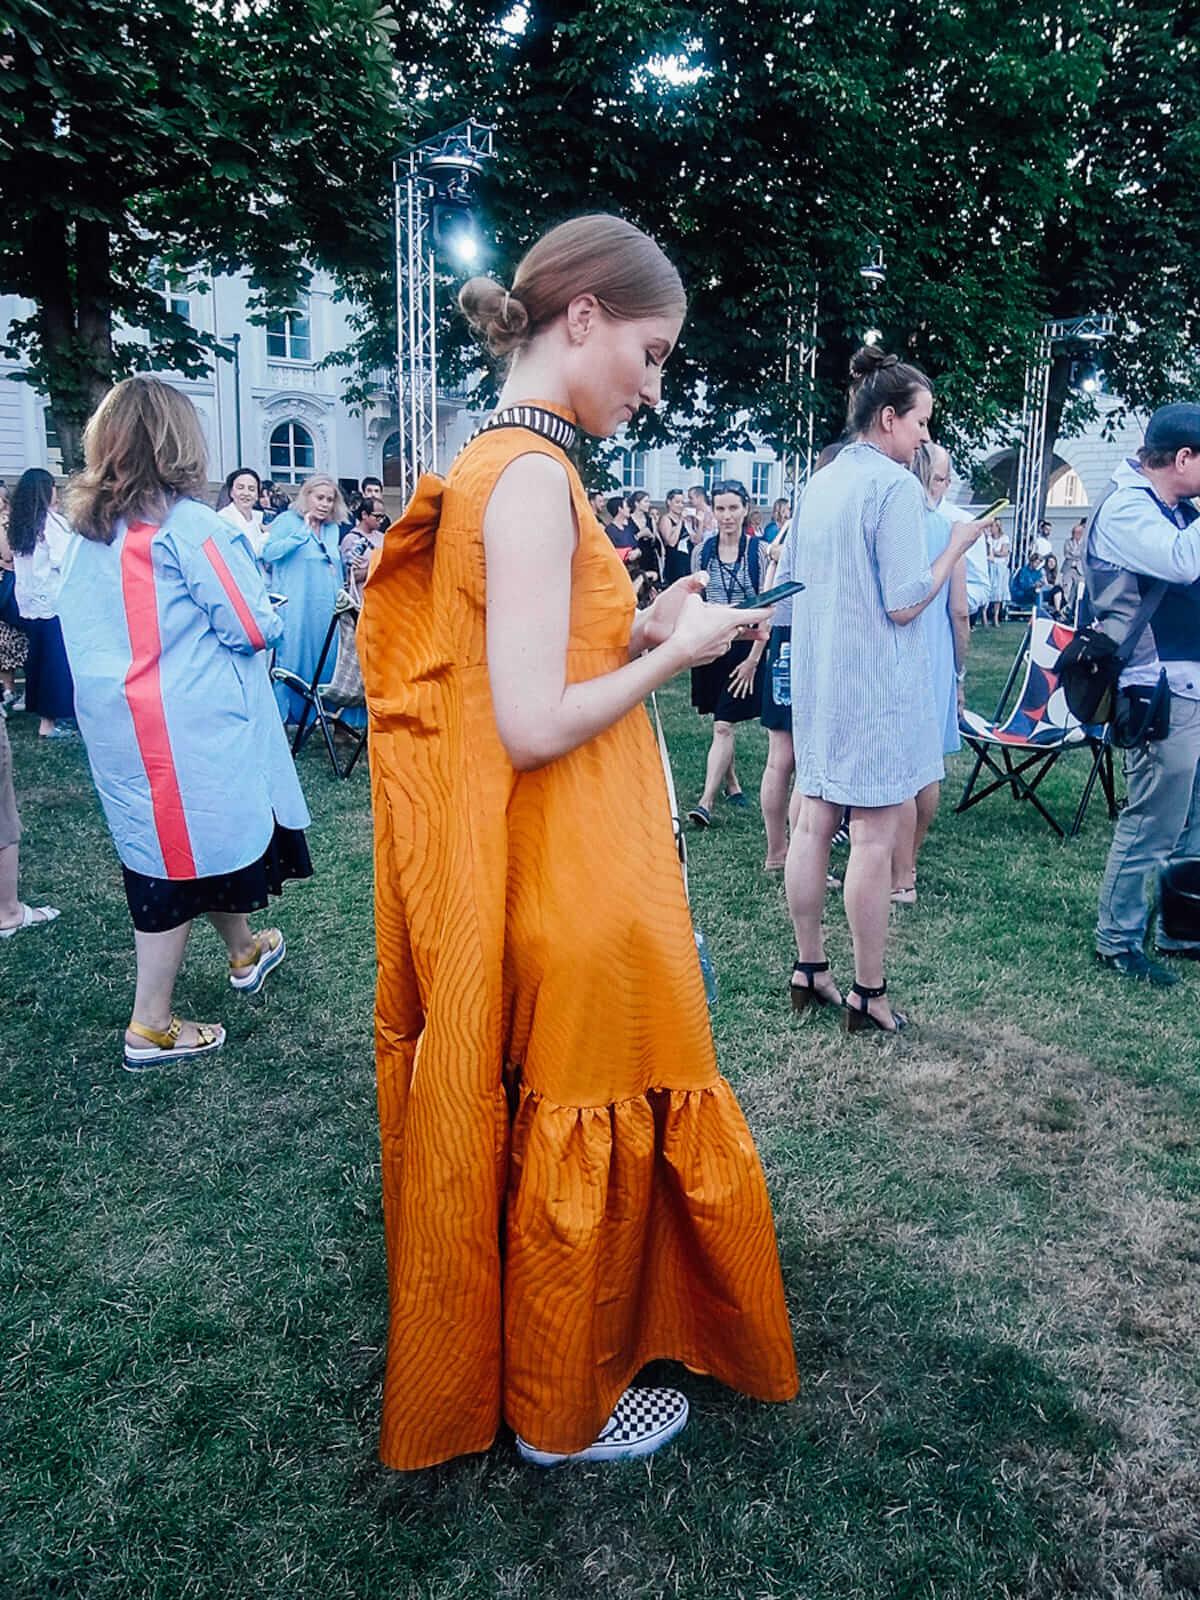 まだあまり知られてない!?ベルリンのファッションウィークの徹底リサーチ km-post76__1008981-1200x1600